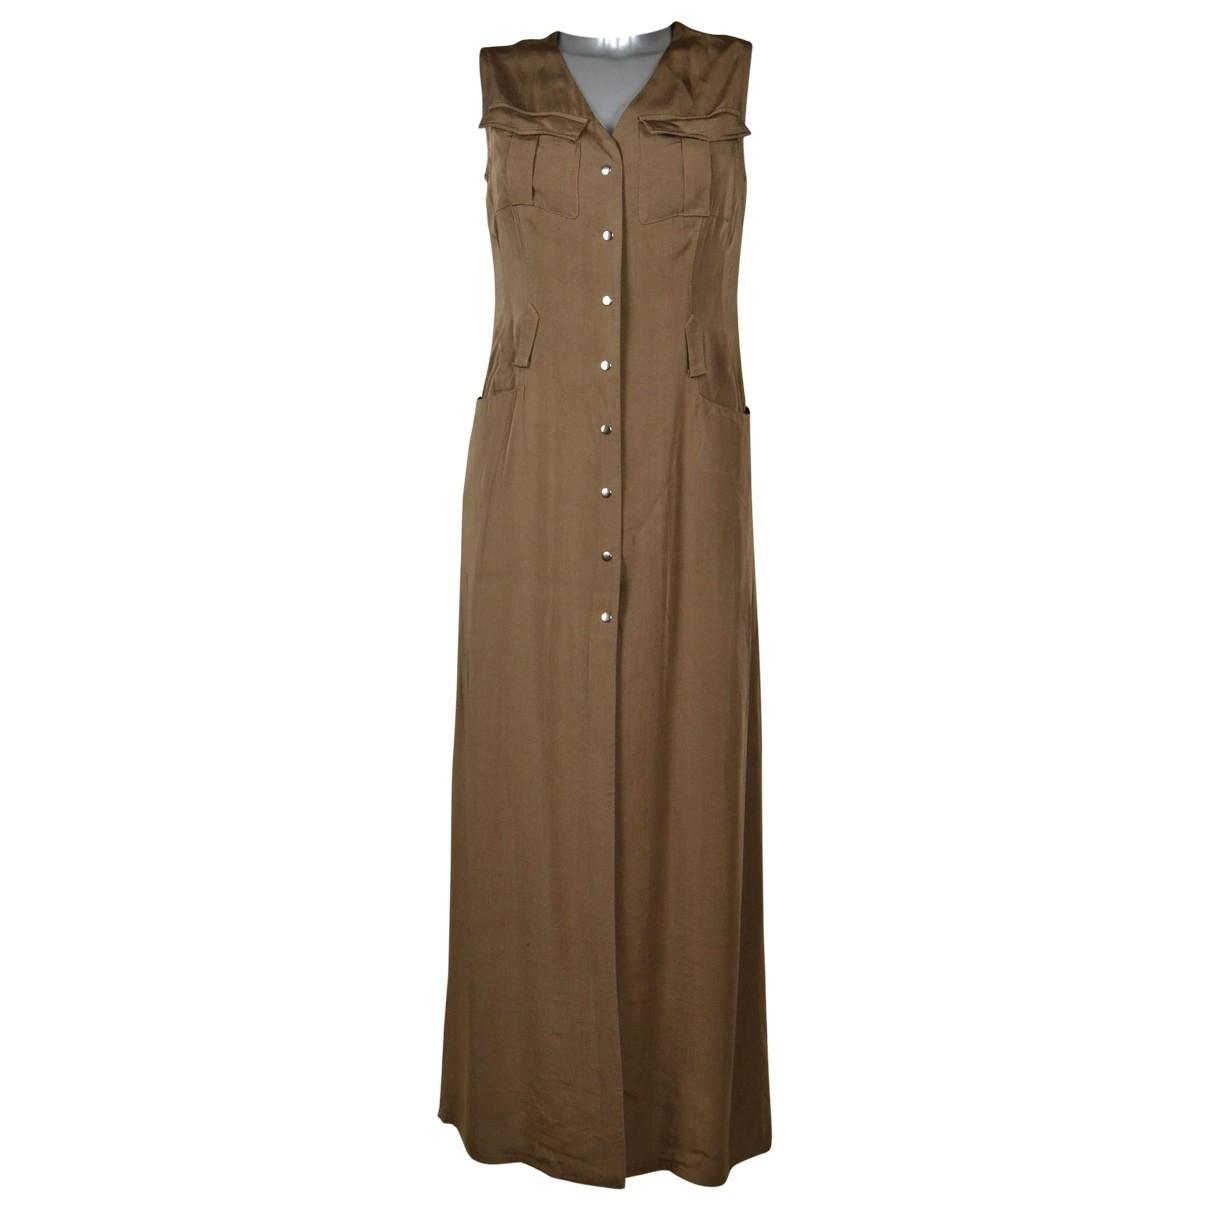 Barbara Bui \N Brown dress for Women 40 IT